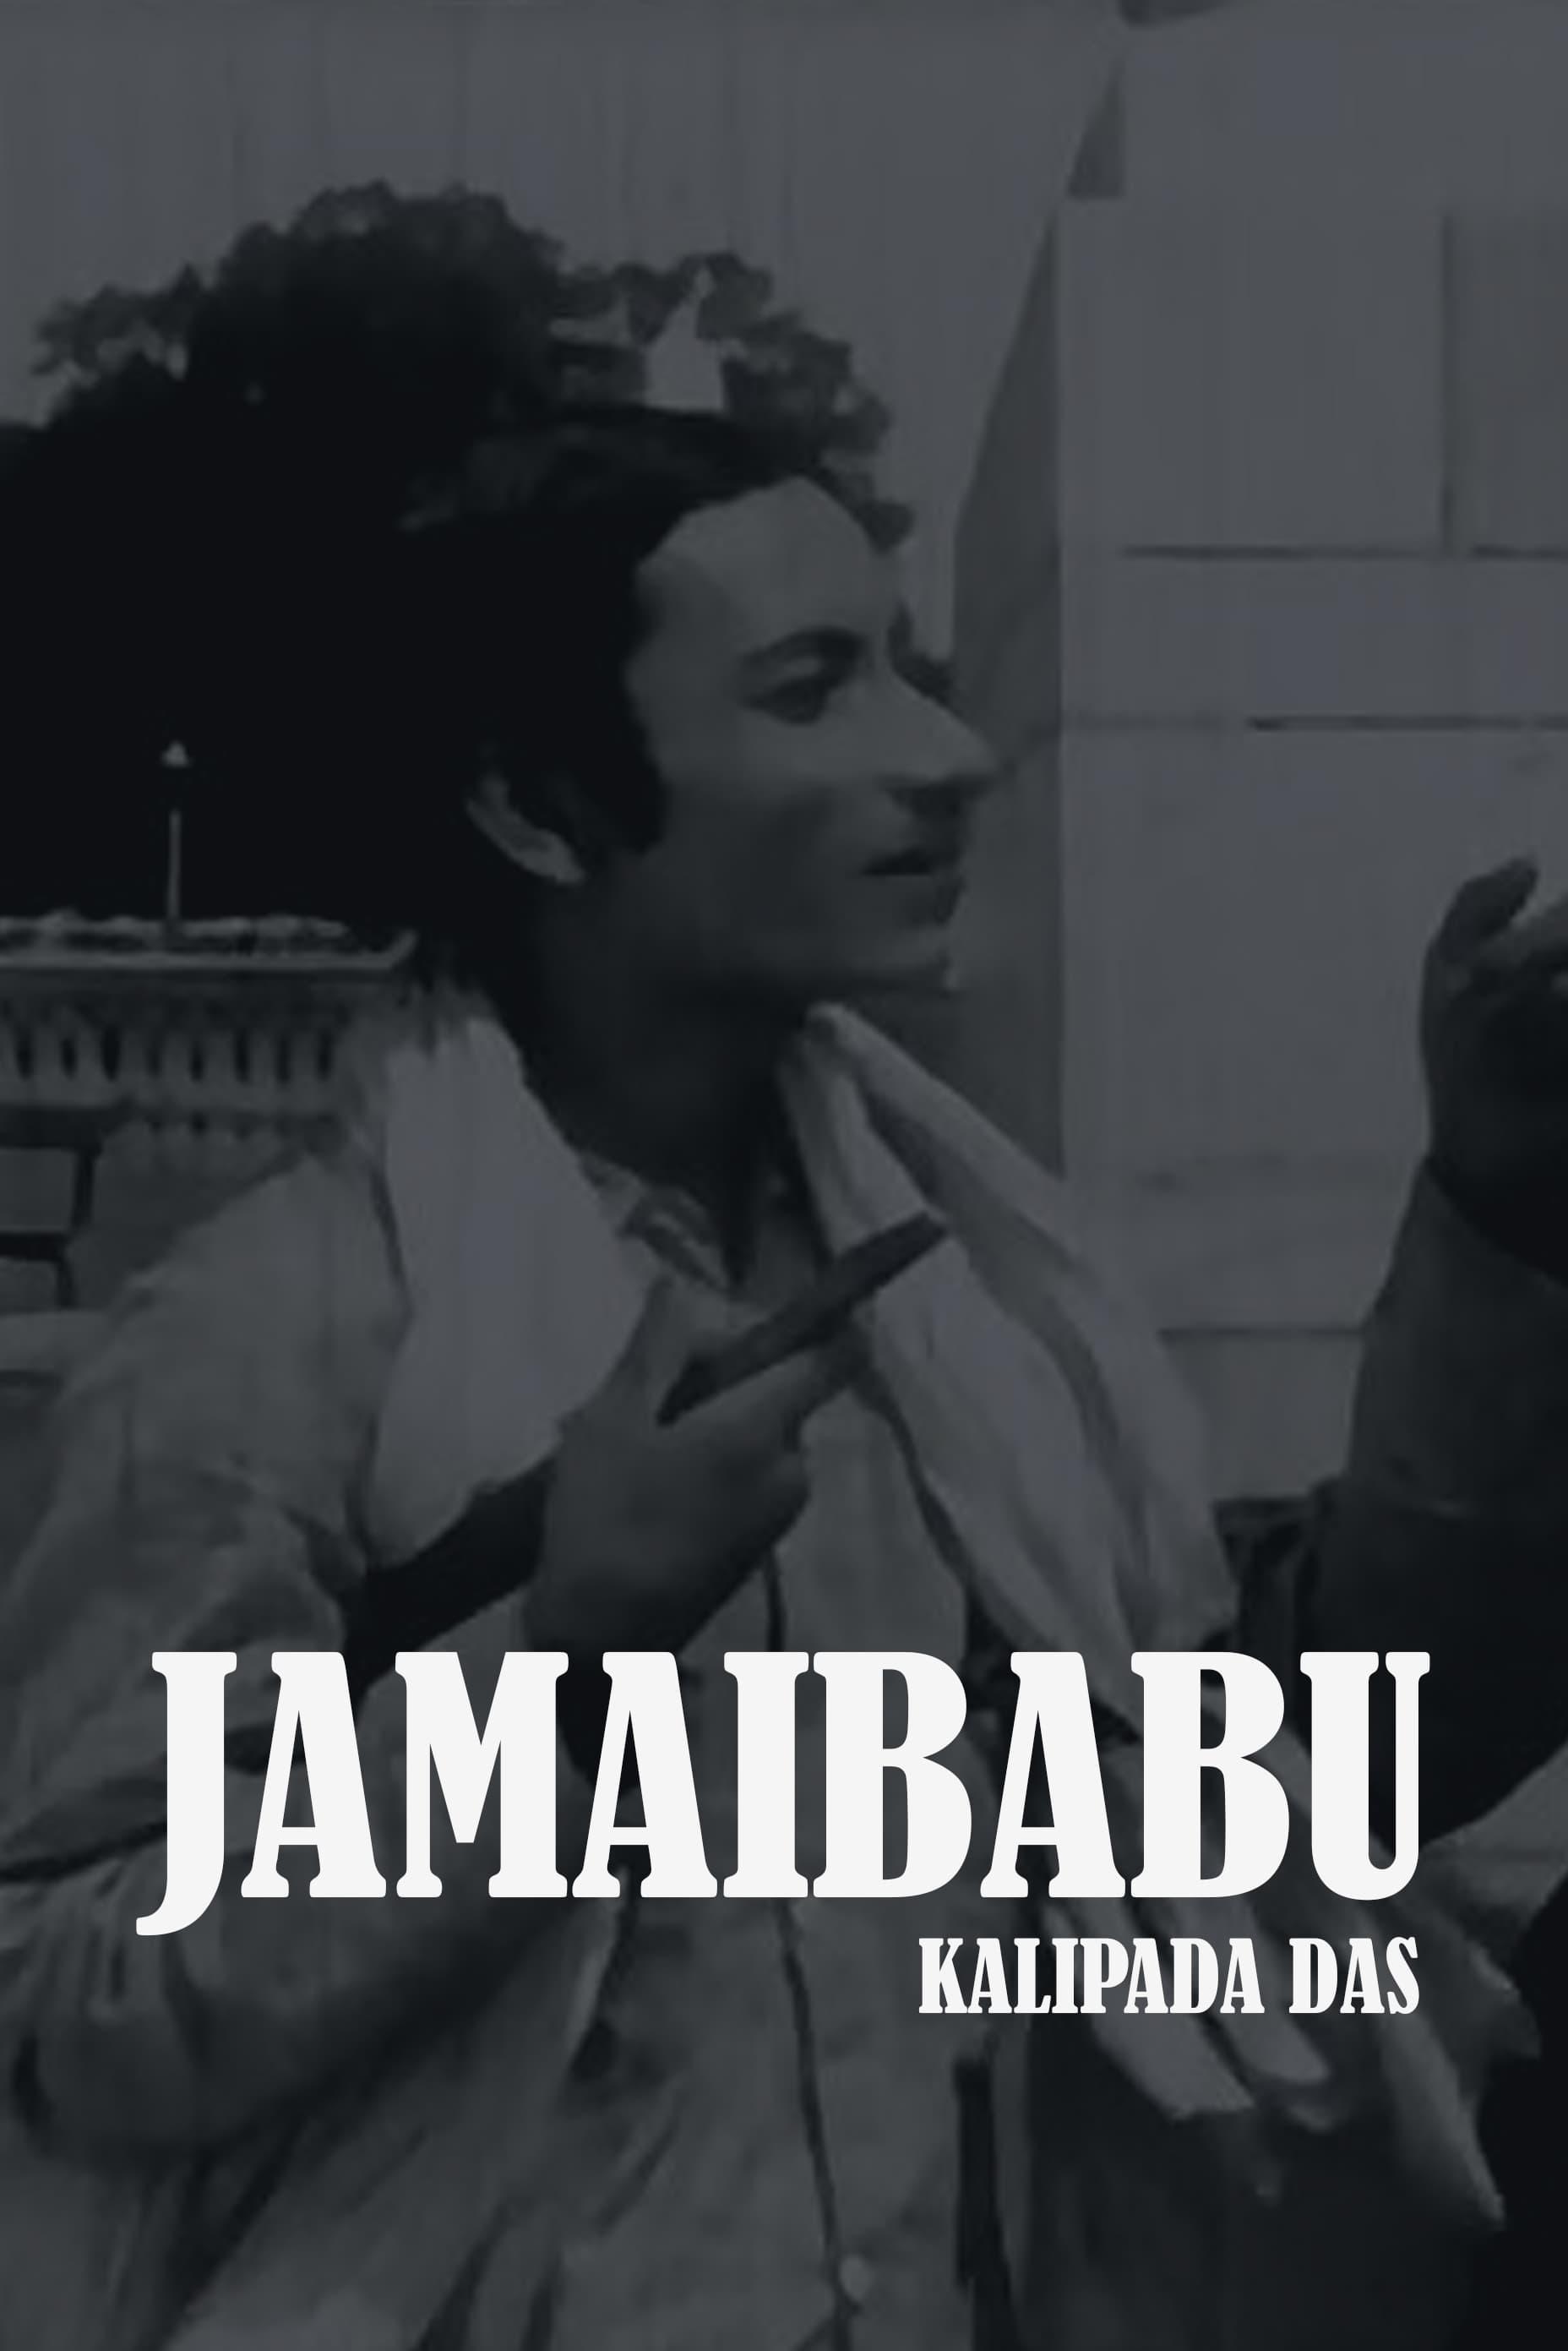 Jamaibabu